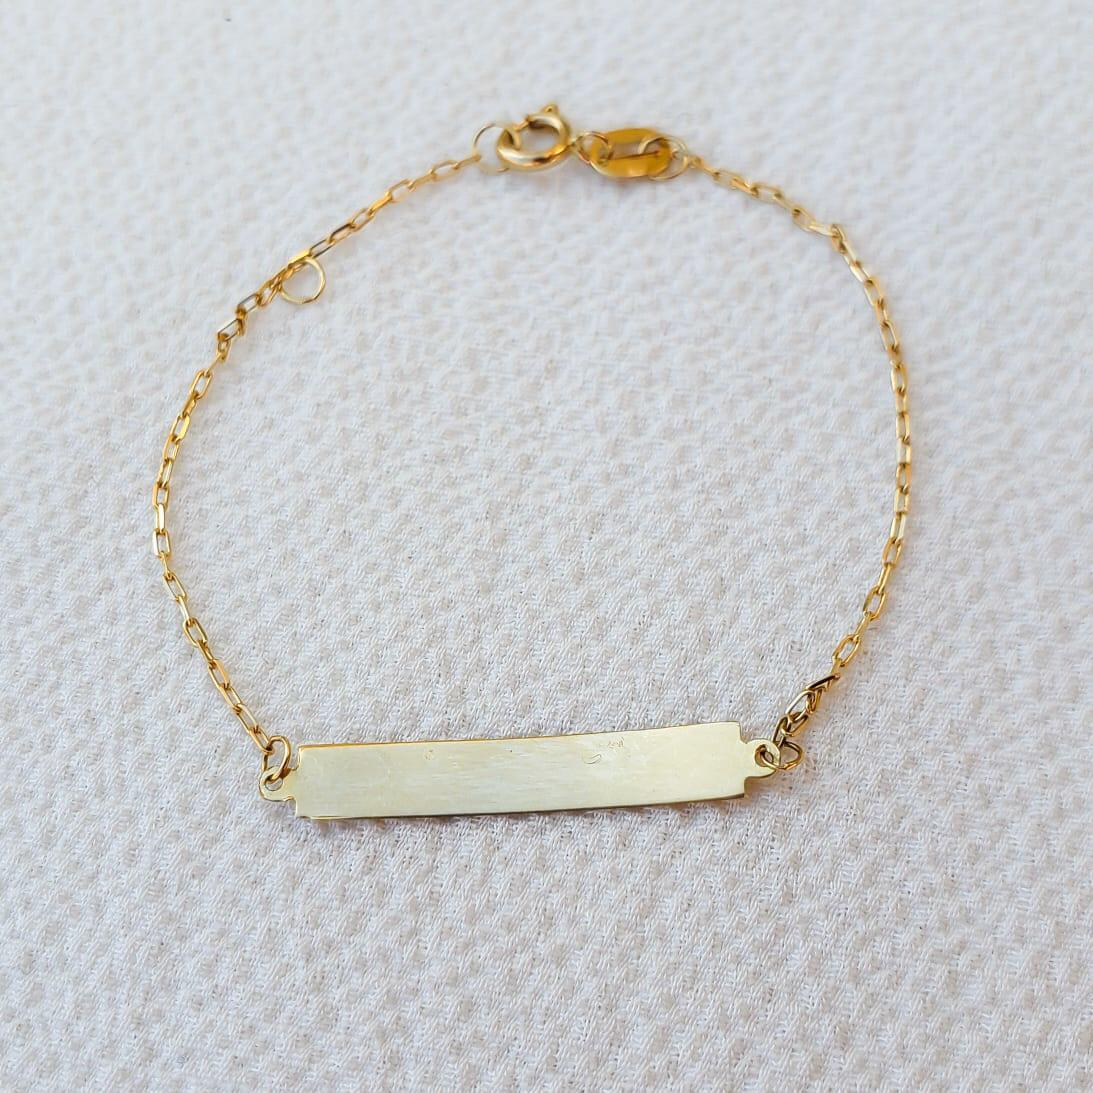 Pulseira Ouro 18k 13cm (Plaquinha)